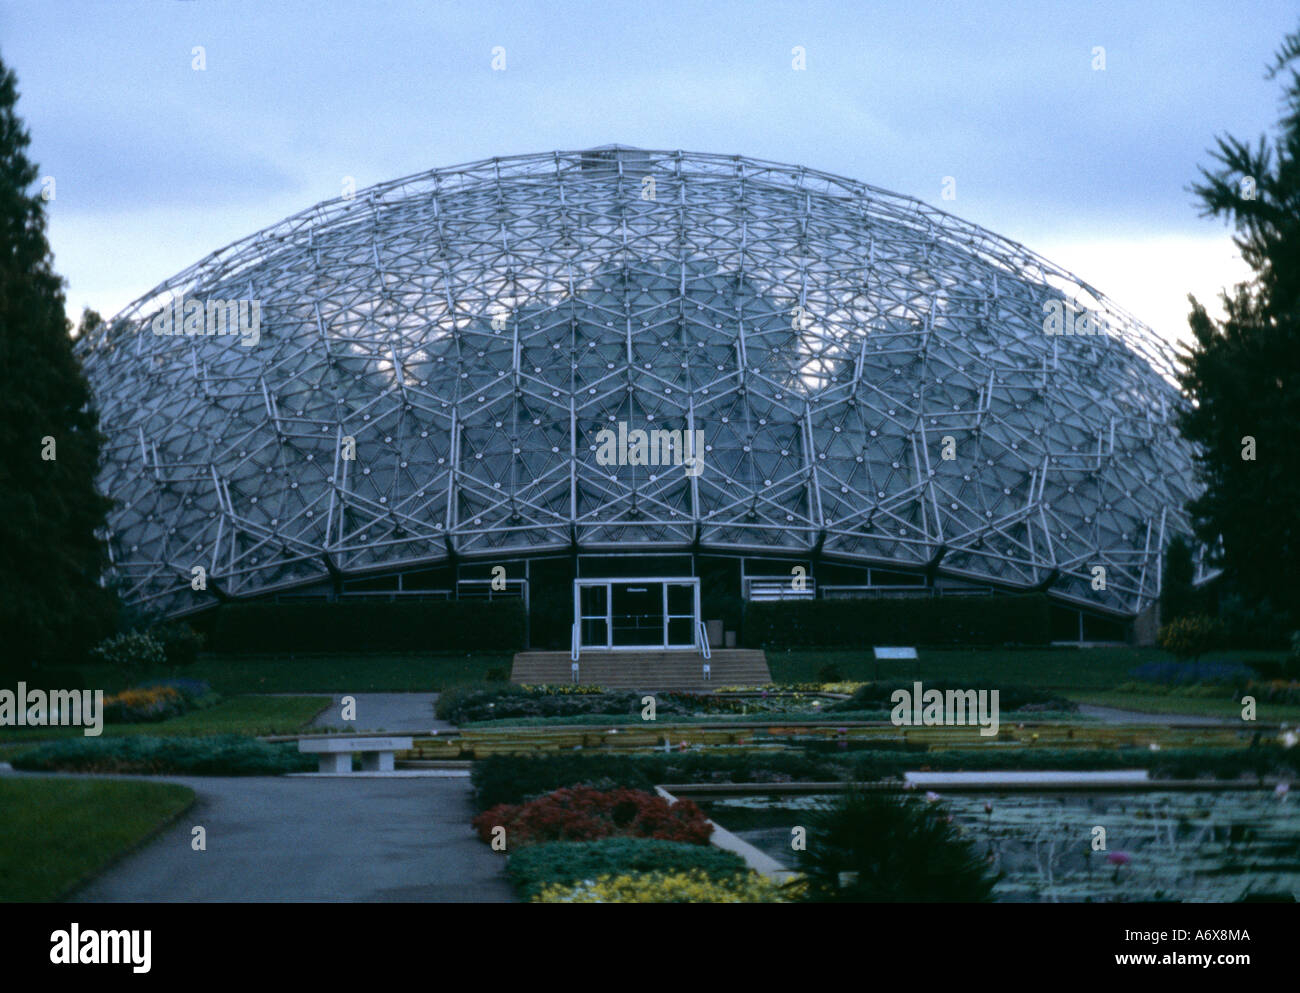 Geodätische Kuppel climatron geodätische kuppel st louis missouri 1960 architekt